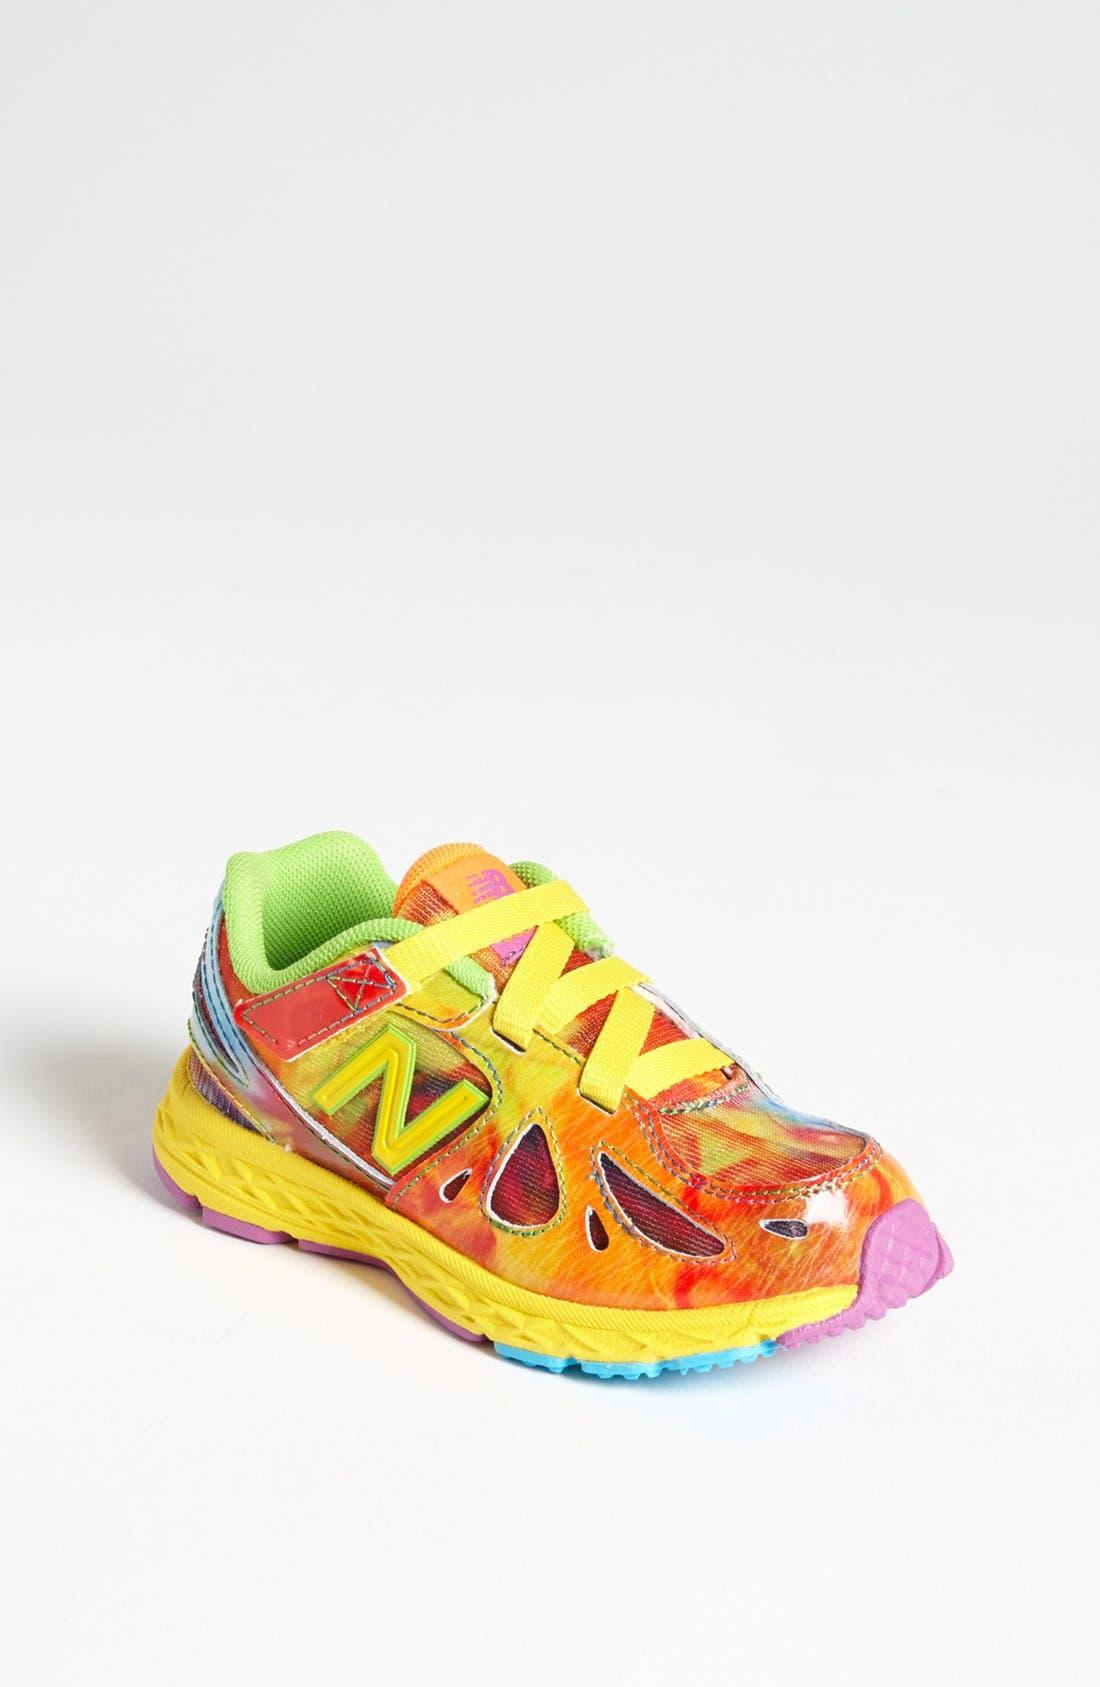 Main Image - New Balance '890 V3' Sneaker (Toddler)